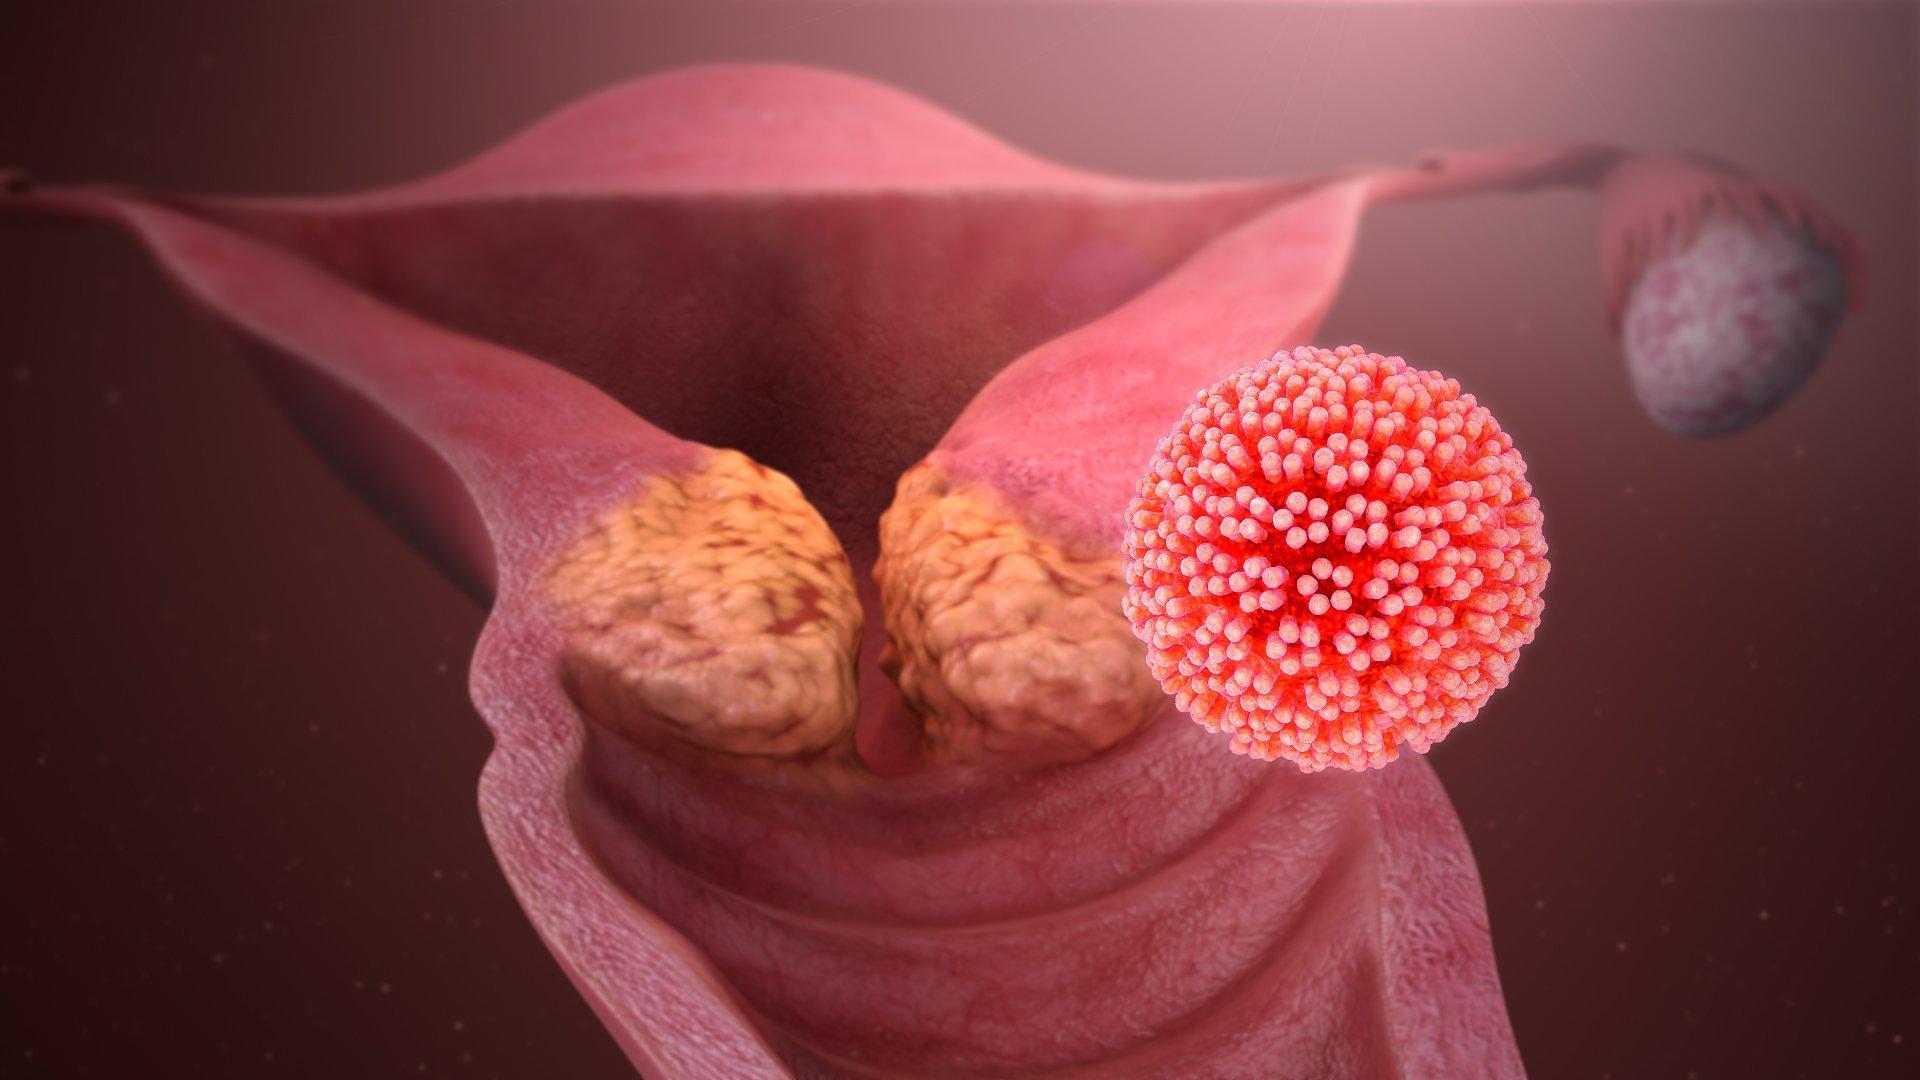 Cáncer cervical causado por el virus del papiloma humano (VPH). | Imagen: Wikipedia